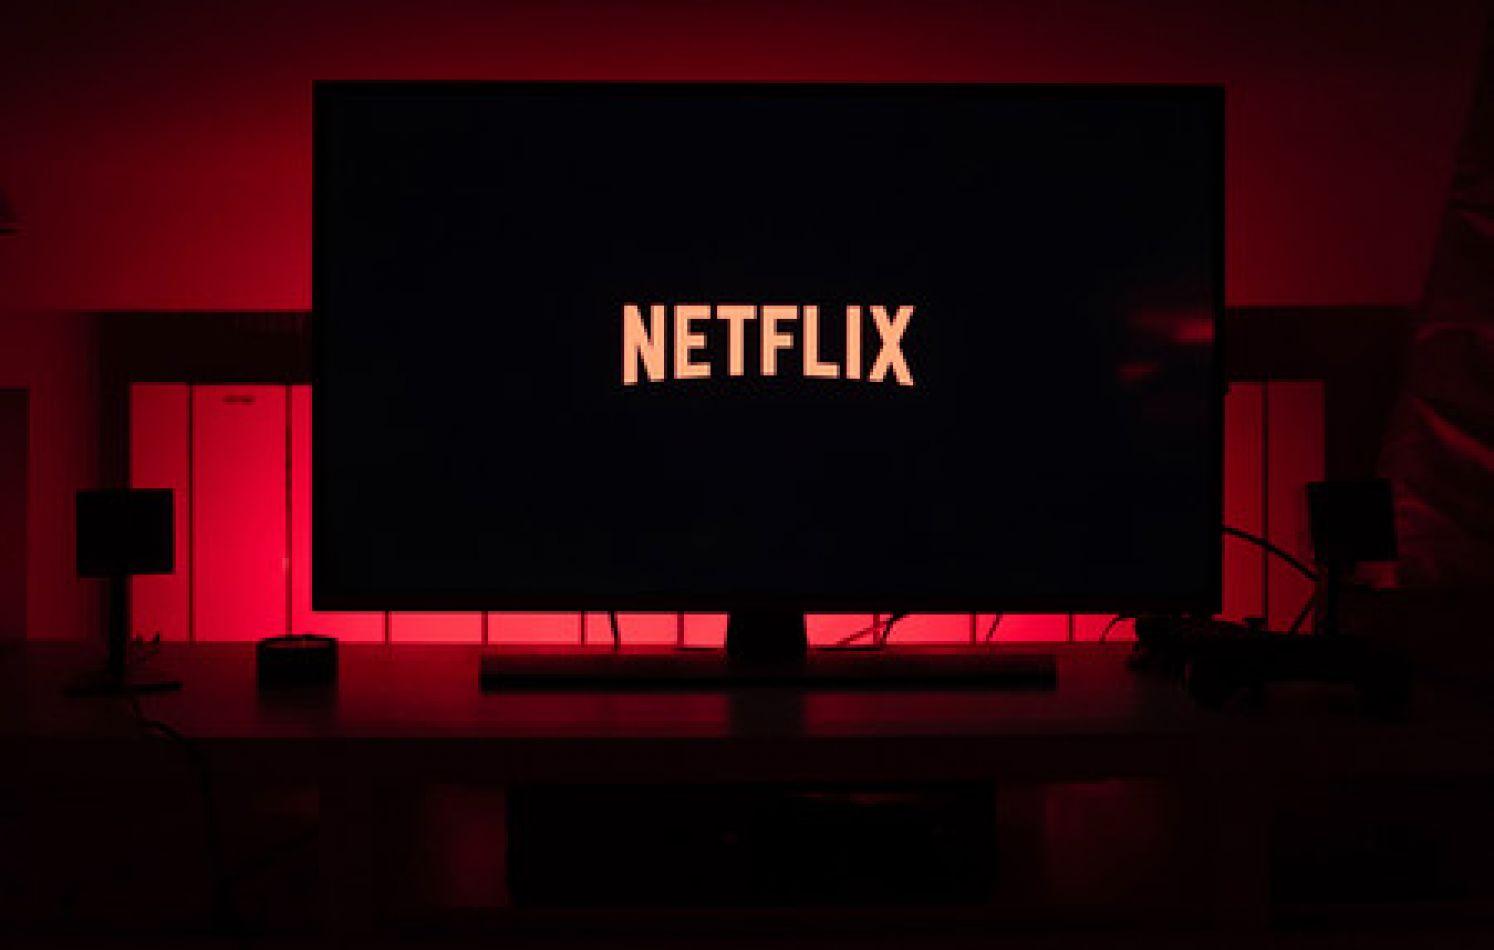 Aumenta Netflix: cuánto costará mensualmente